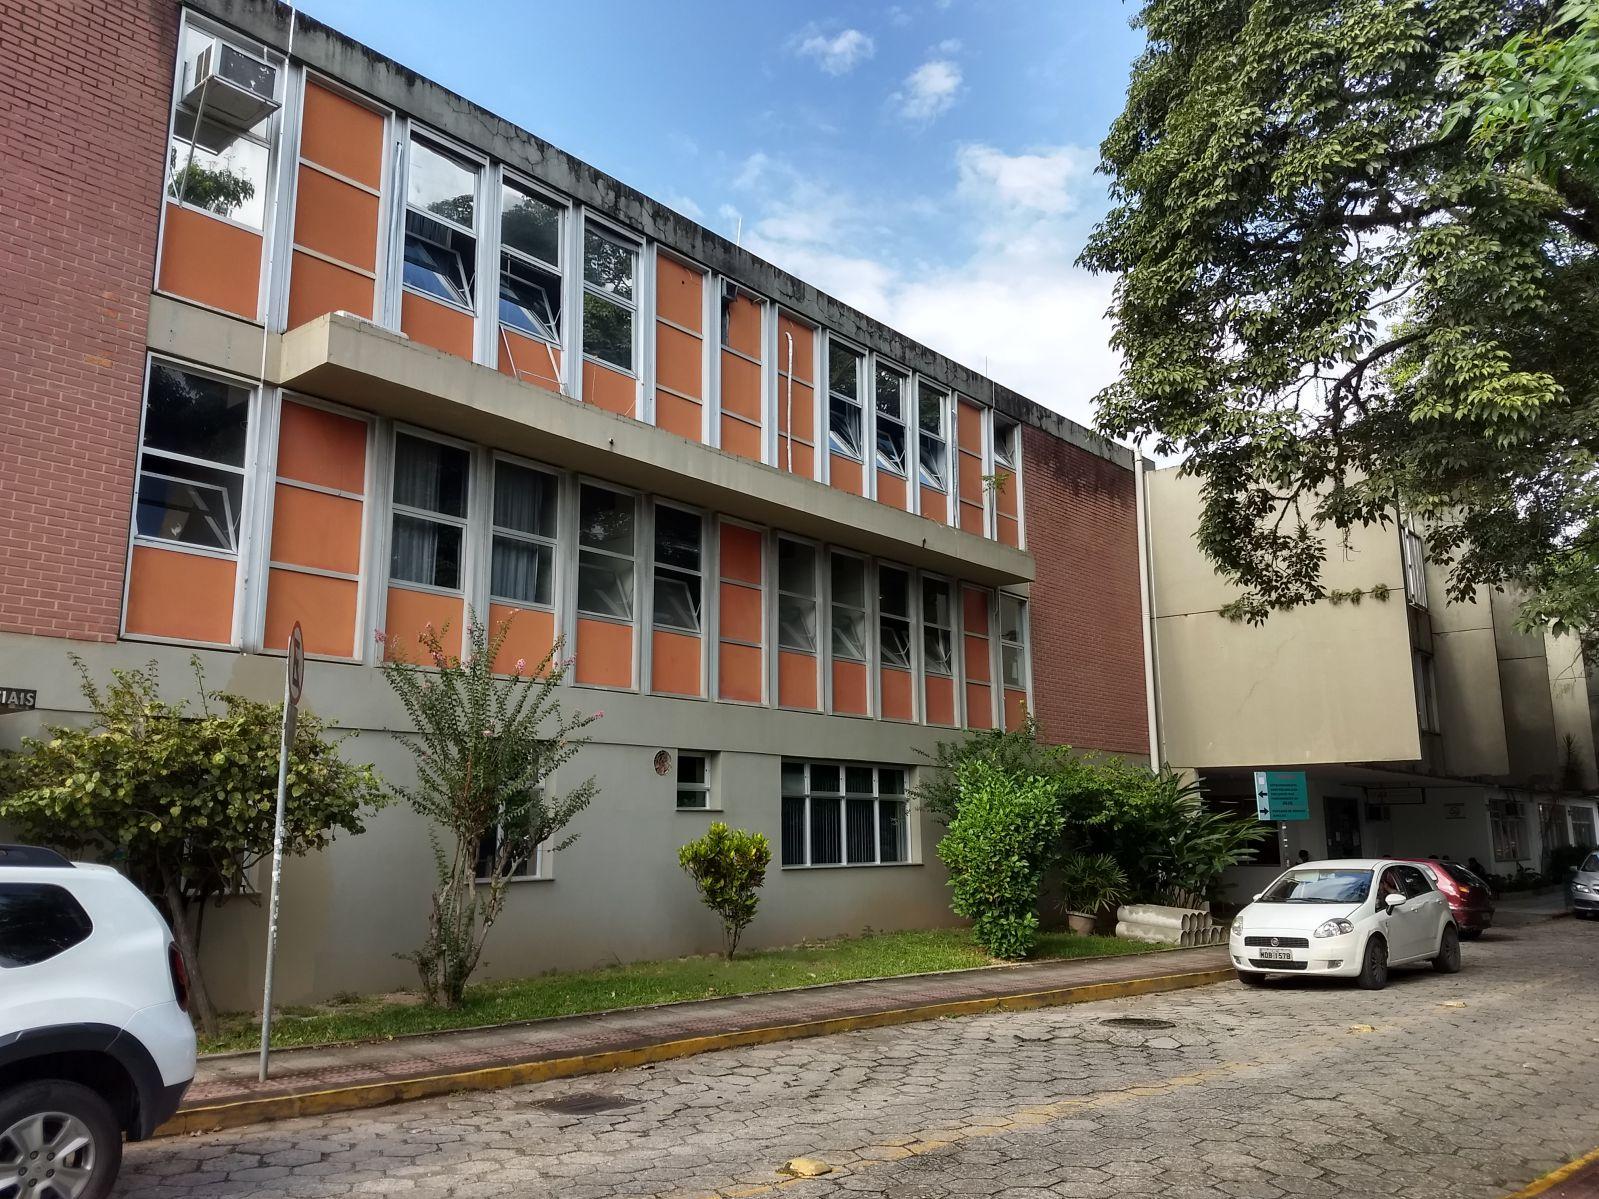 Hospital Infantil Joana de Gusmão